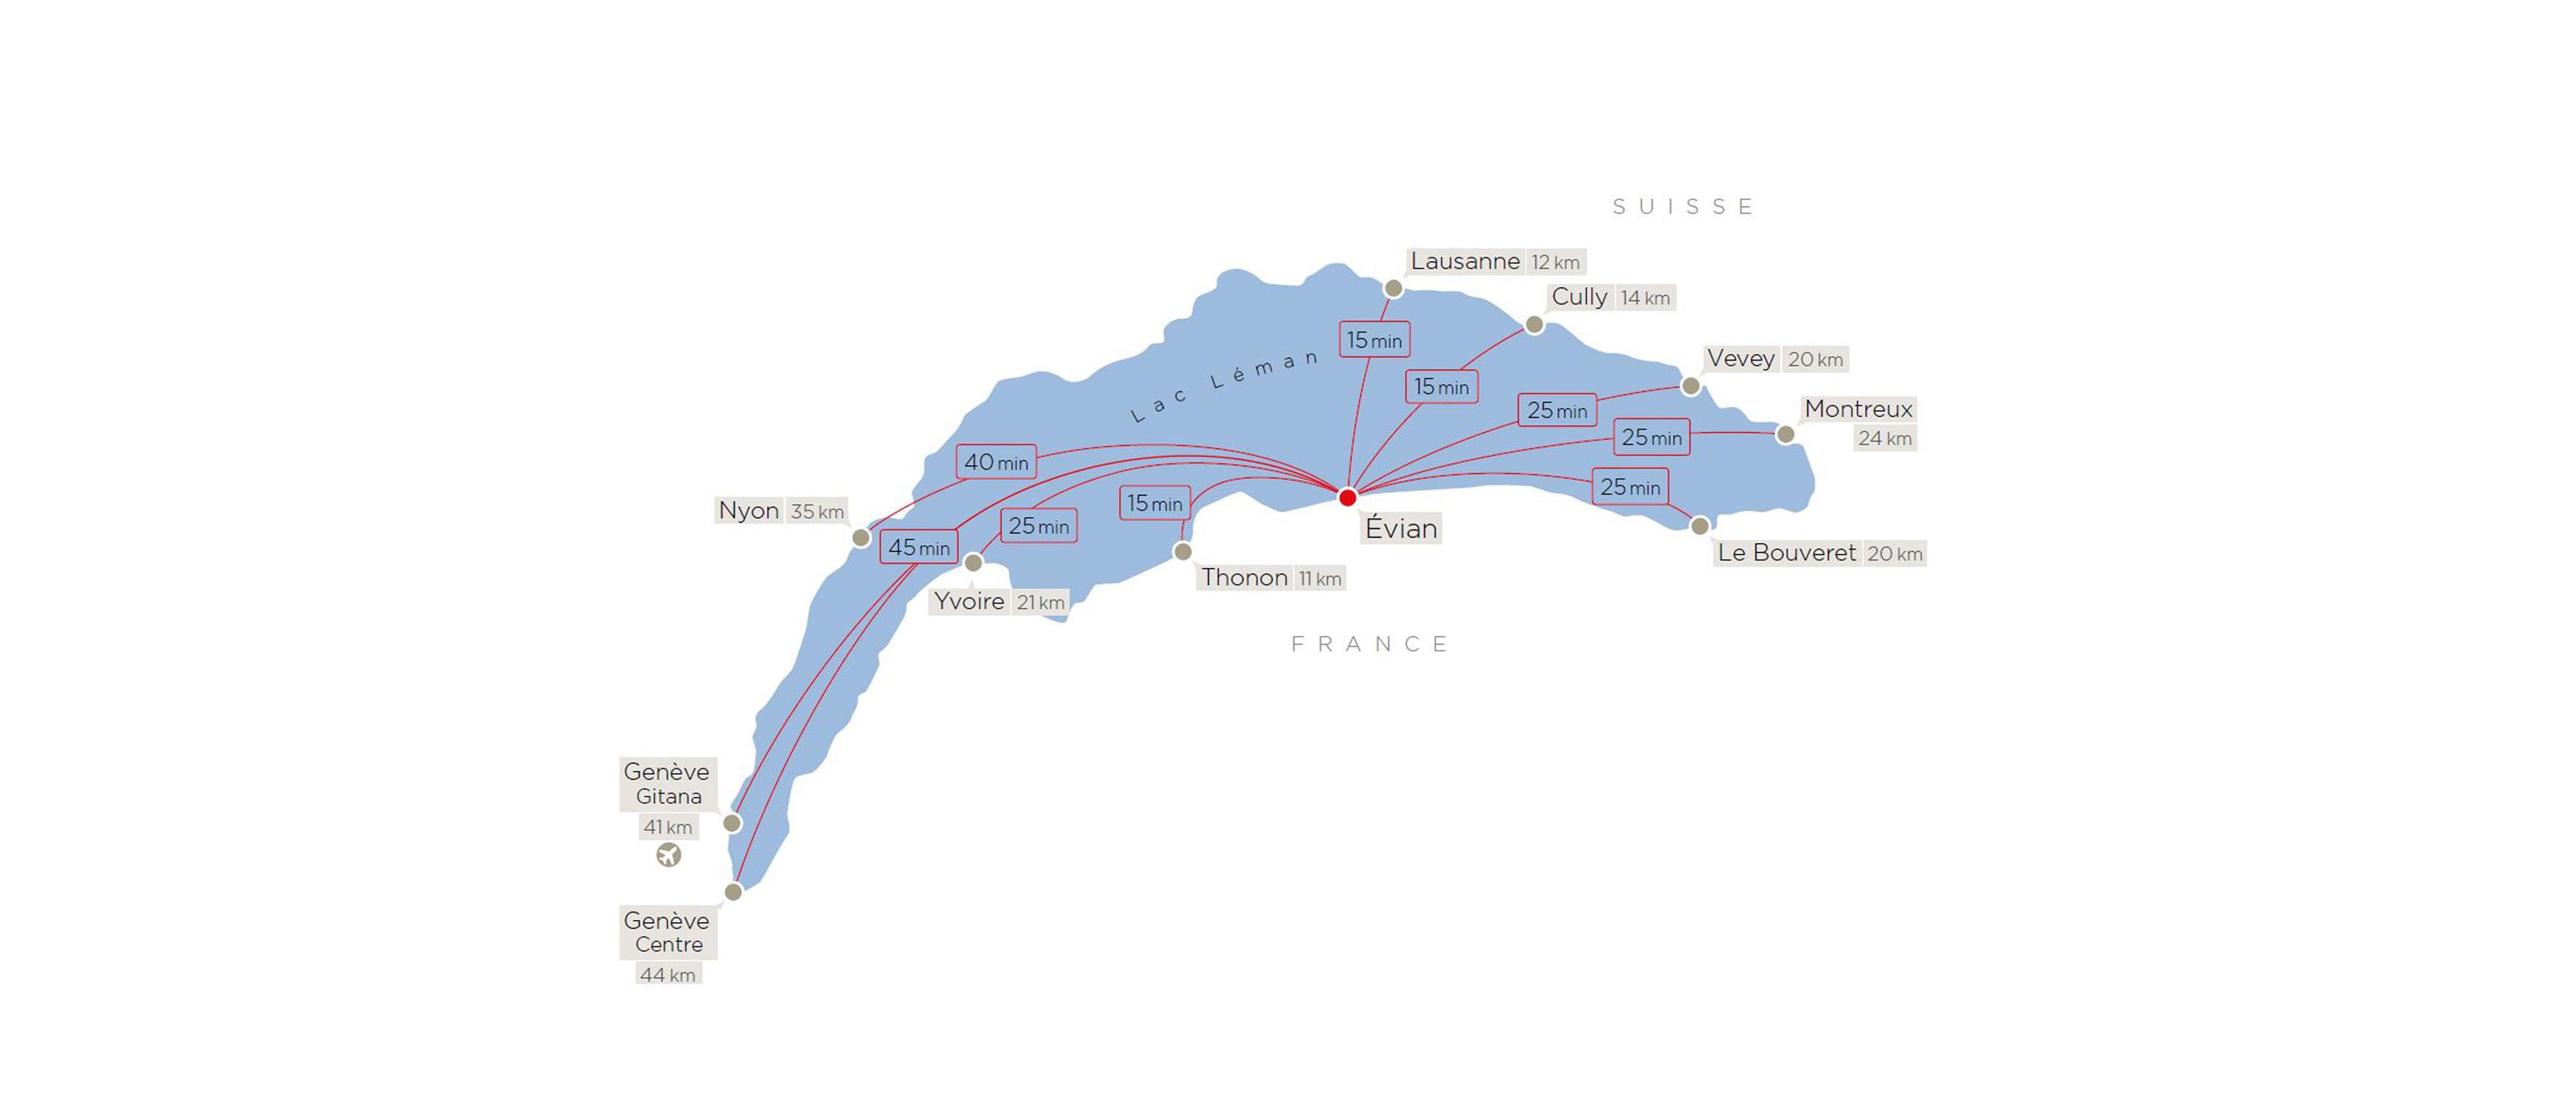 LEvian One Peut Embarquer Jusqua 8 Personnes Avec Bagage Et Navigue Sur Reservation Tous Les Jours 24h Possibilite Dautres Points Damarrage